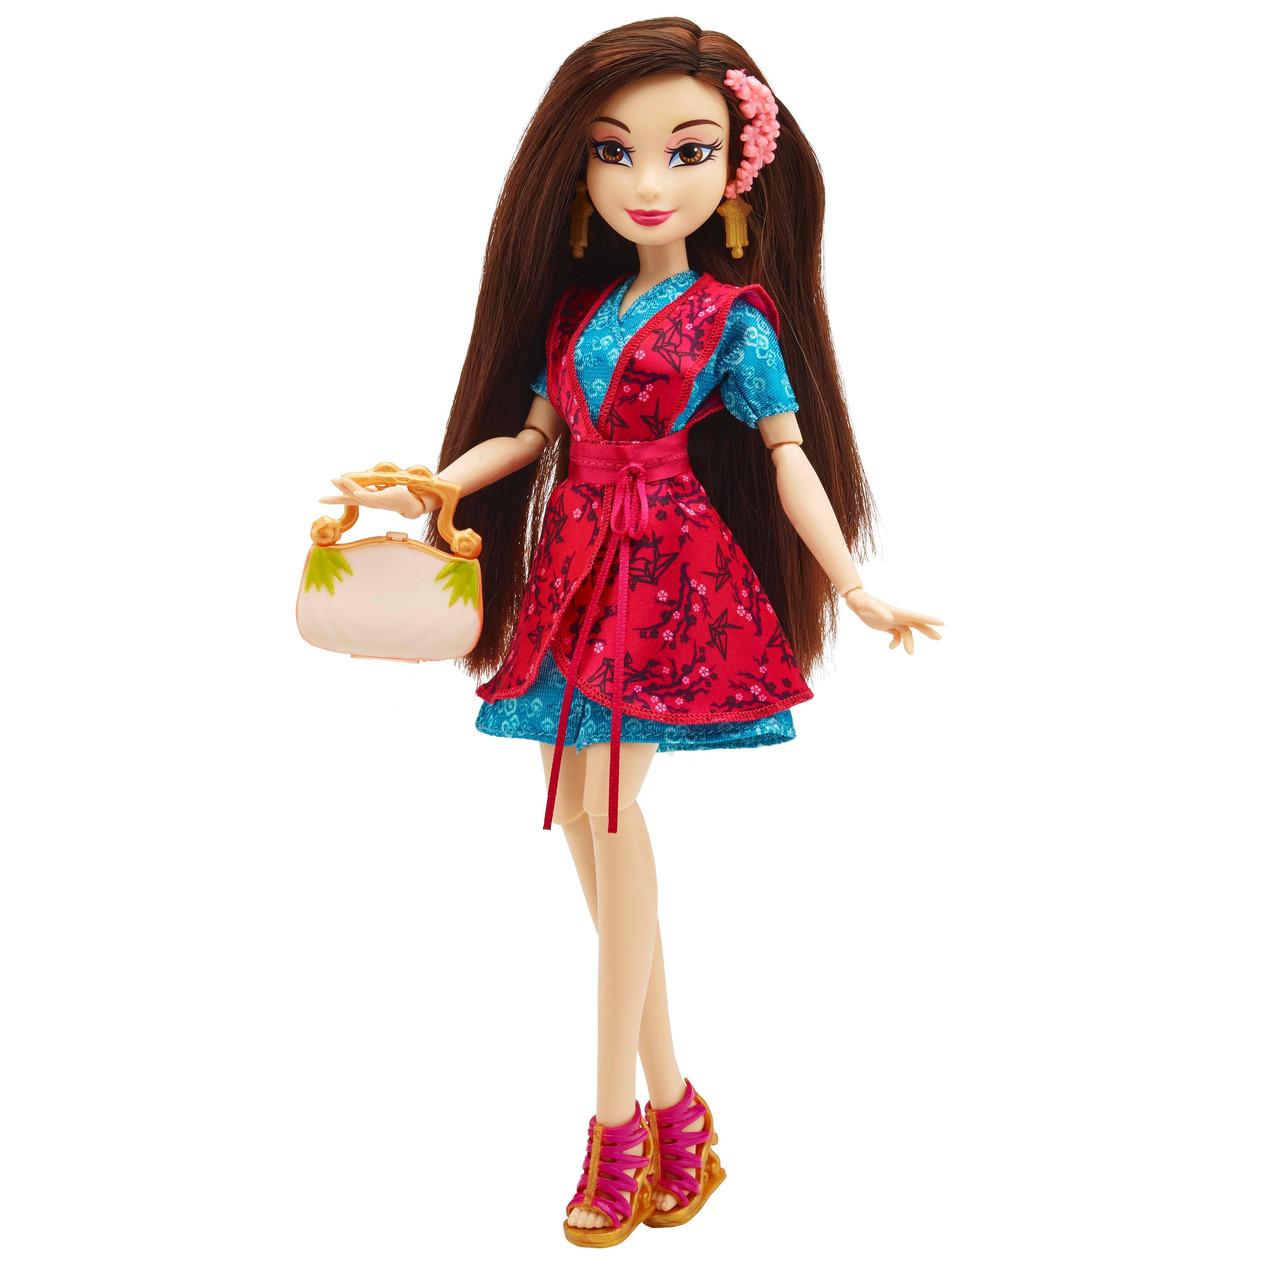 Hasbro Descendants Кукла Лонни/Lonnie Наследники Дисней - базовая